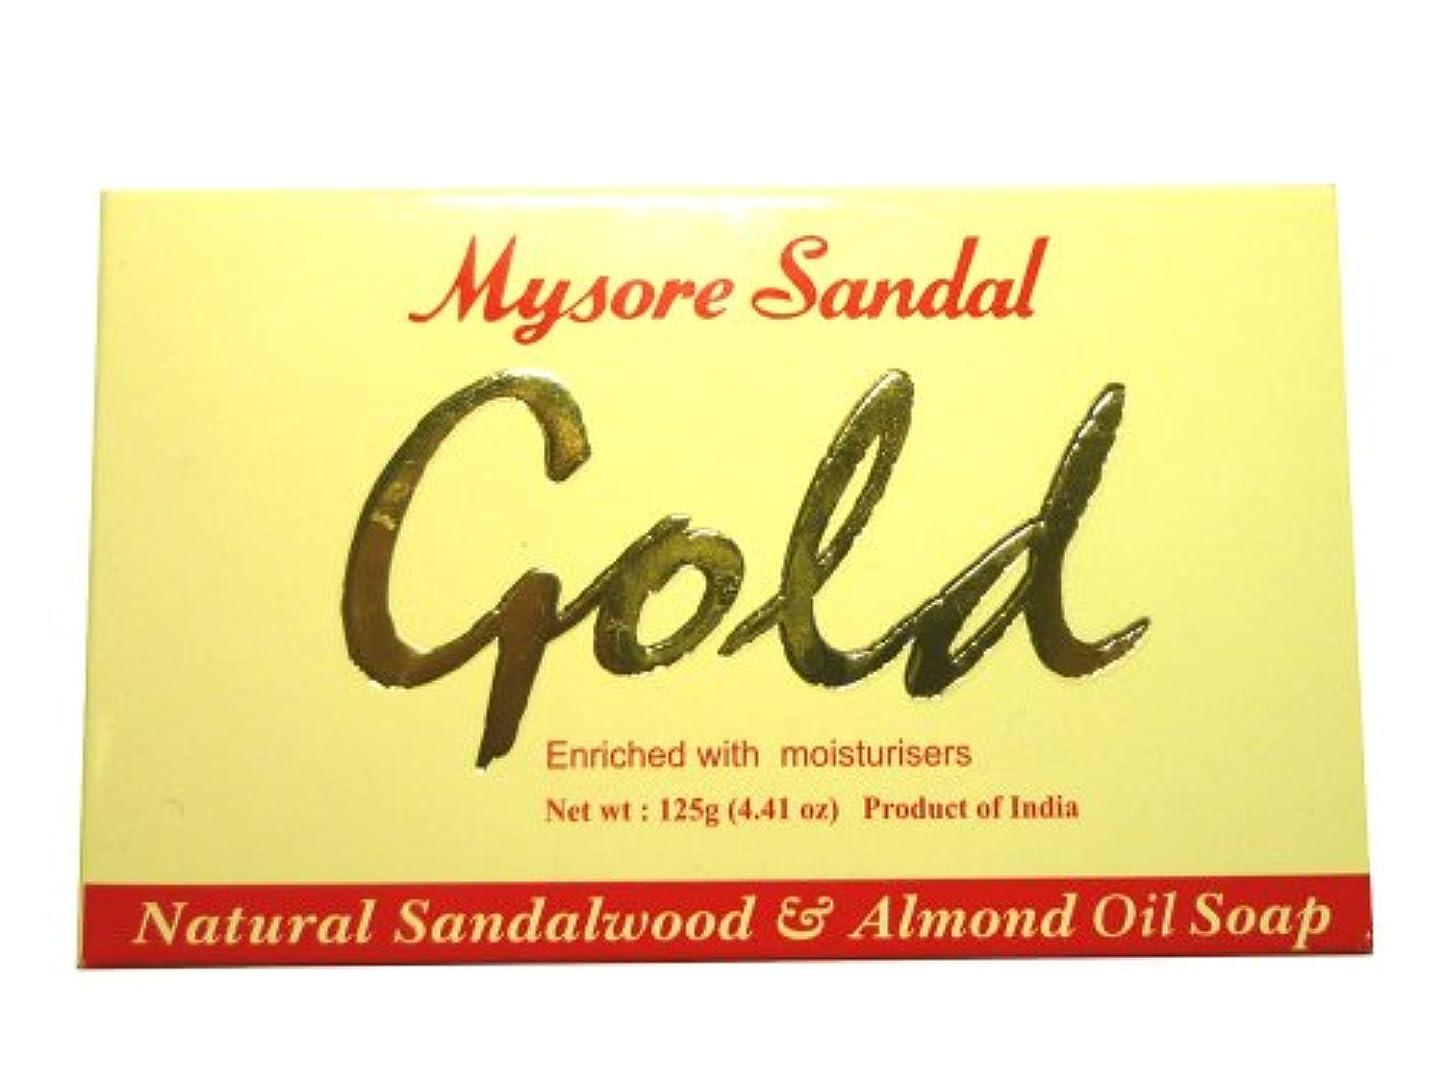 見ました不規則性キャッシュ高純度白檀油配合 マイソール サンダルゴールドソープ